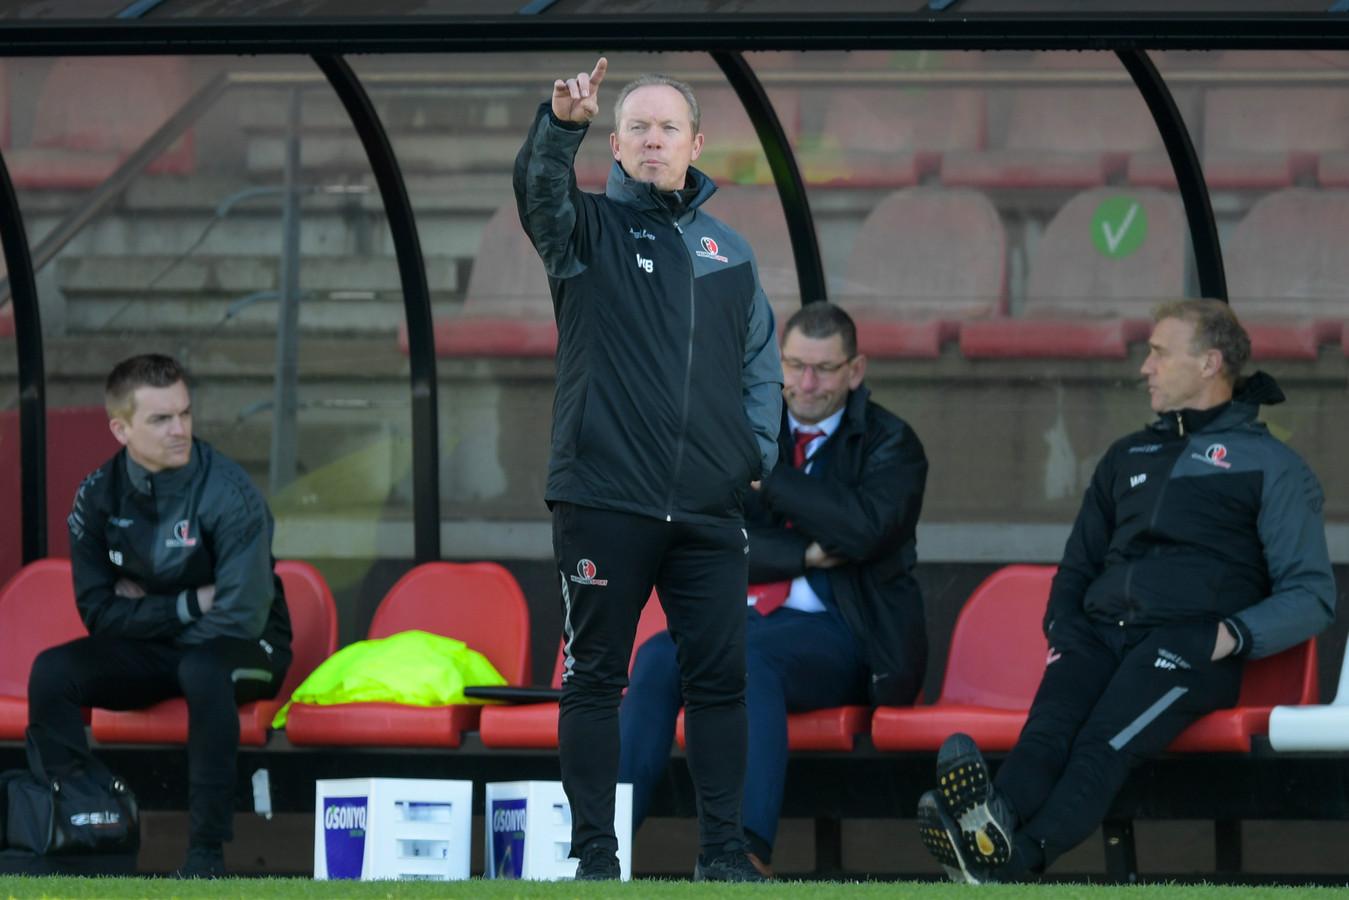 Helmond Sport-trainer Wil Boessen pakte met zijn ploeg een punt tegen Jong Ajax en is nu 4 duels op rij ongeslagen.